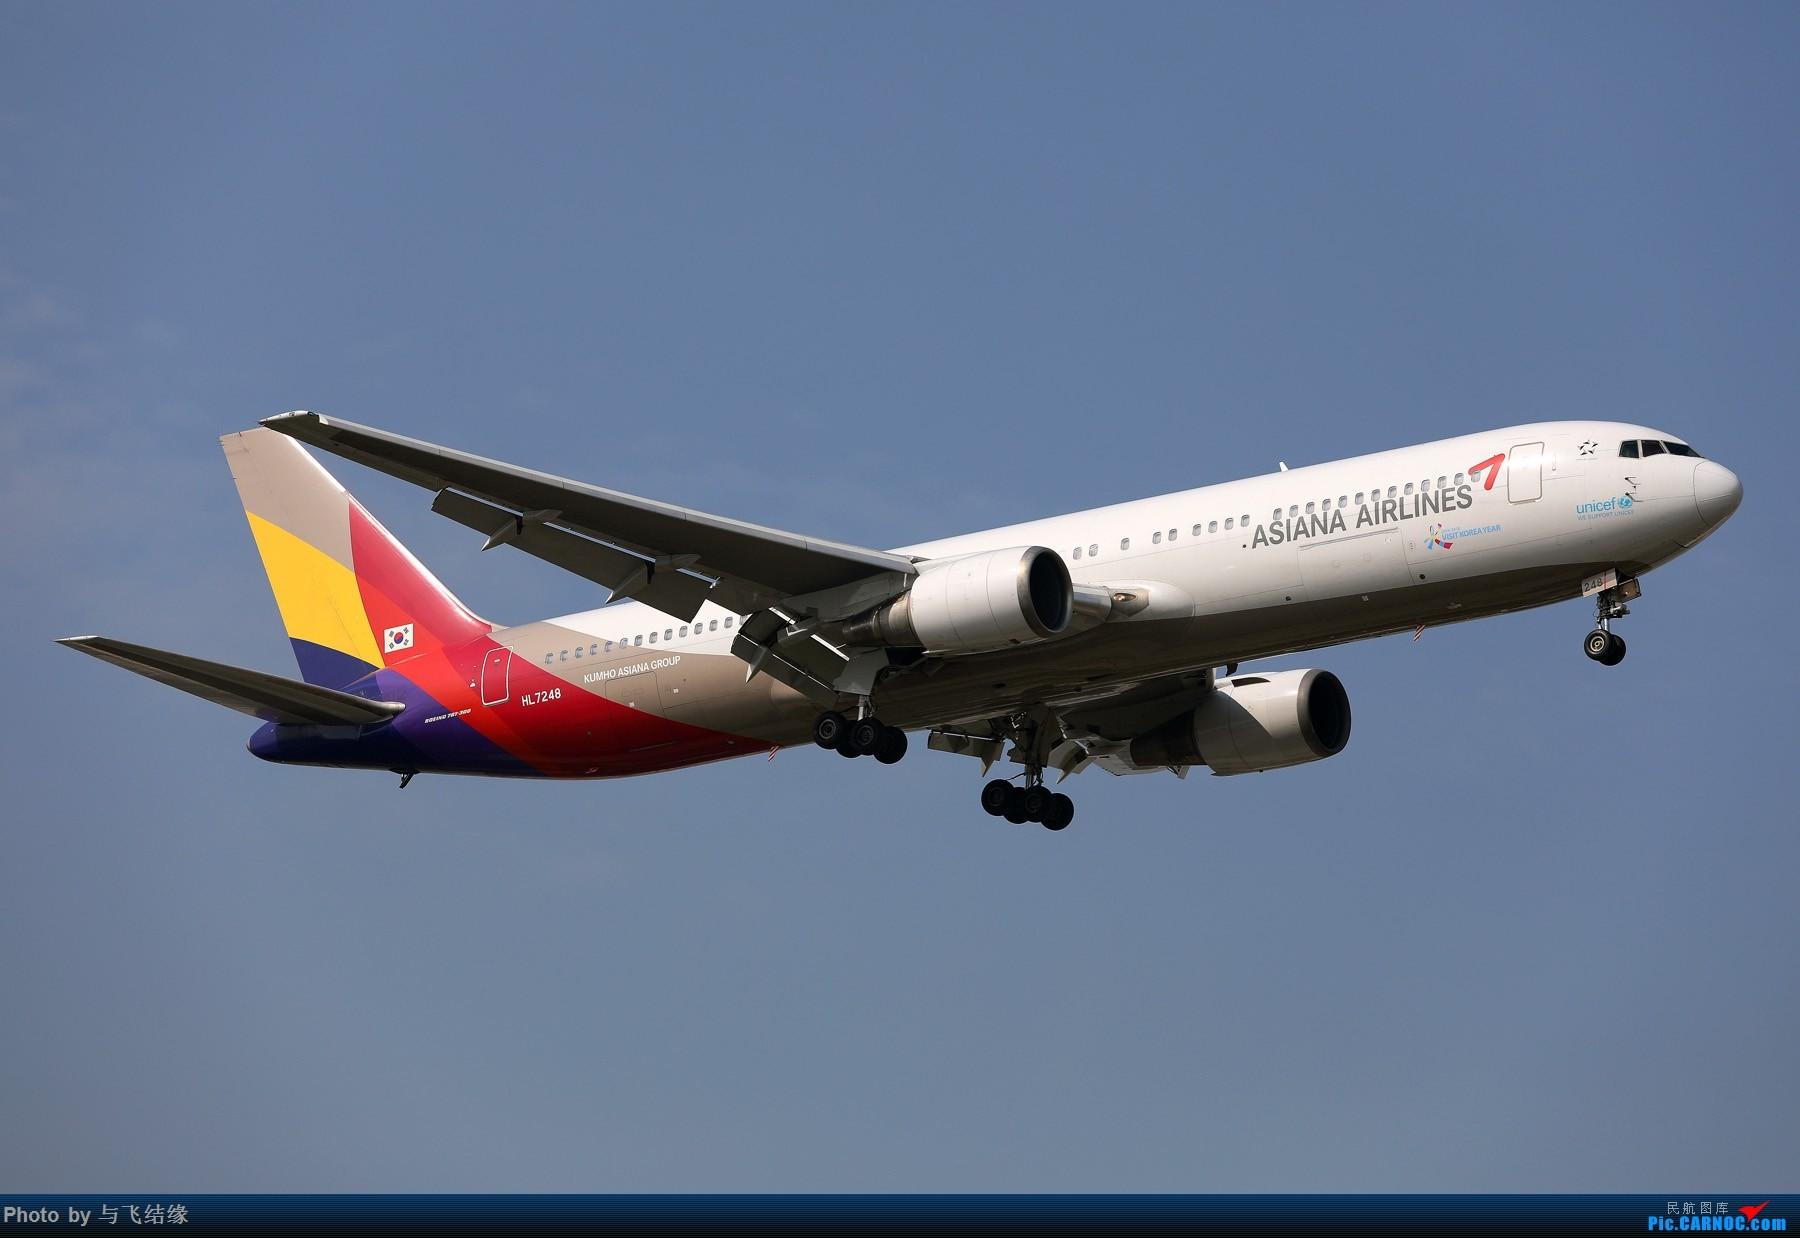 [原创]越来越少的机型Boeing 767,韩亚航空公司Boeing 767组照! BOEING 767 HL-7248 中国北京首都国际机场